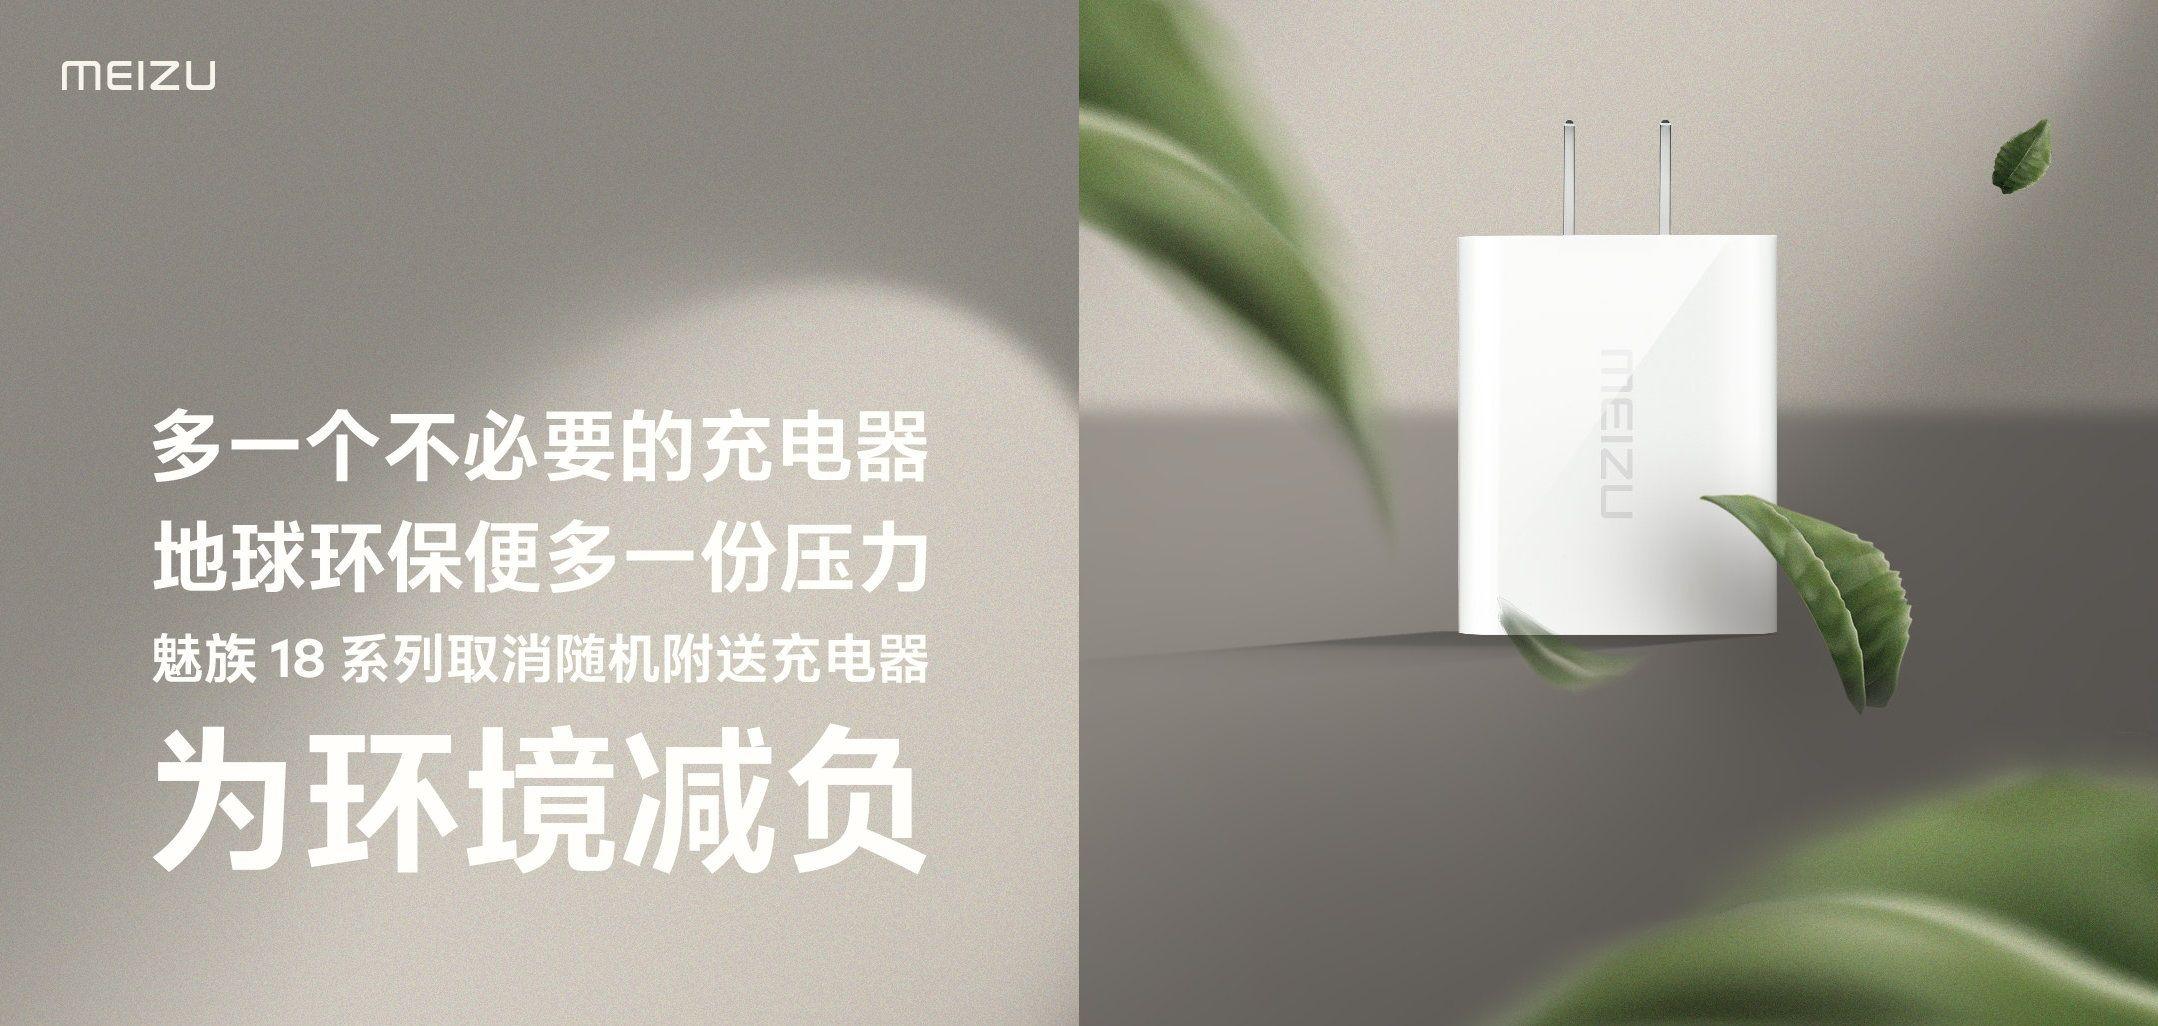 Meizu 18シリーズは充電器が同梱せず、MEIZU「地球環境に配慮」